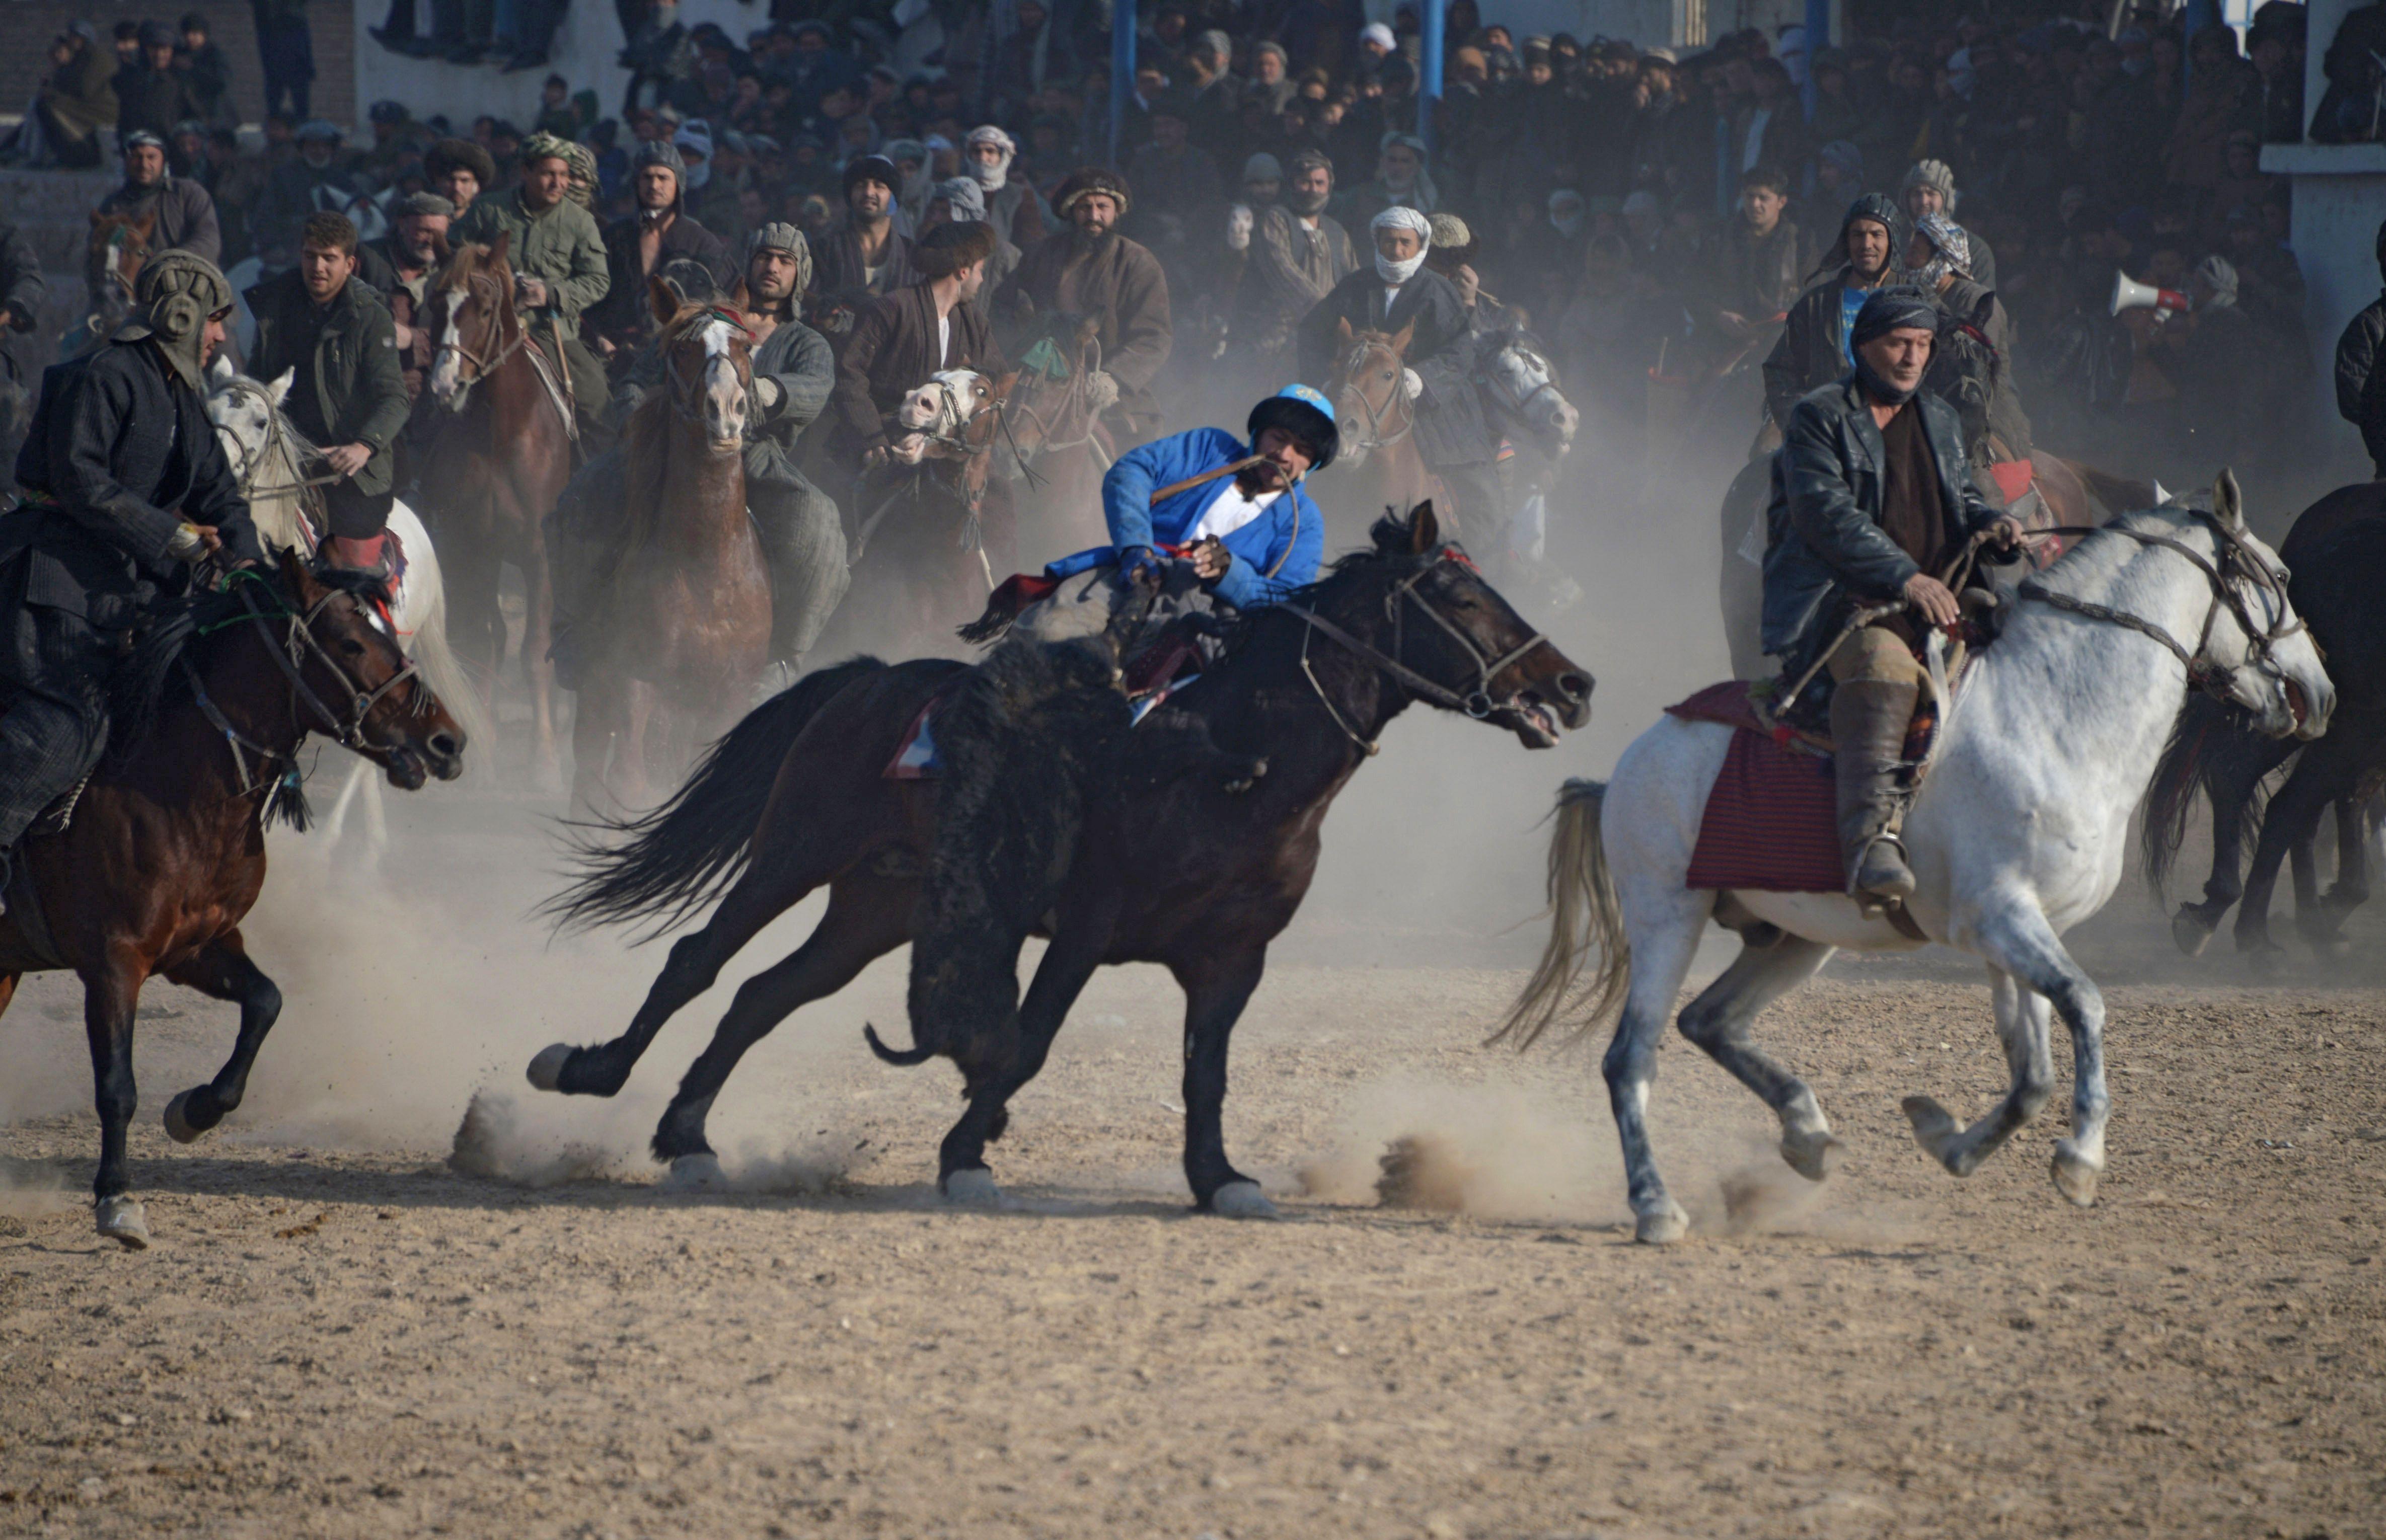 مقاتلو الميليشيات الأفغانية يمتطون الأحصنة لممارسة البوزكاشى